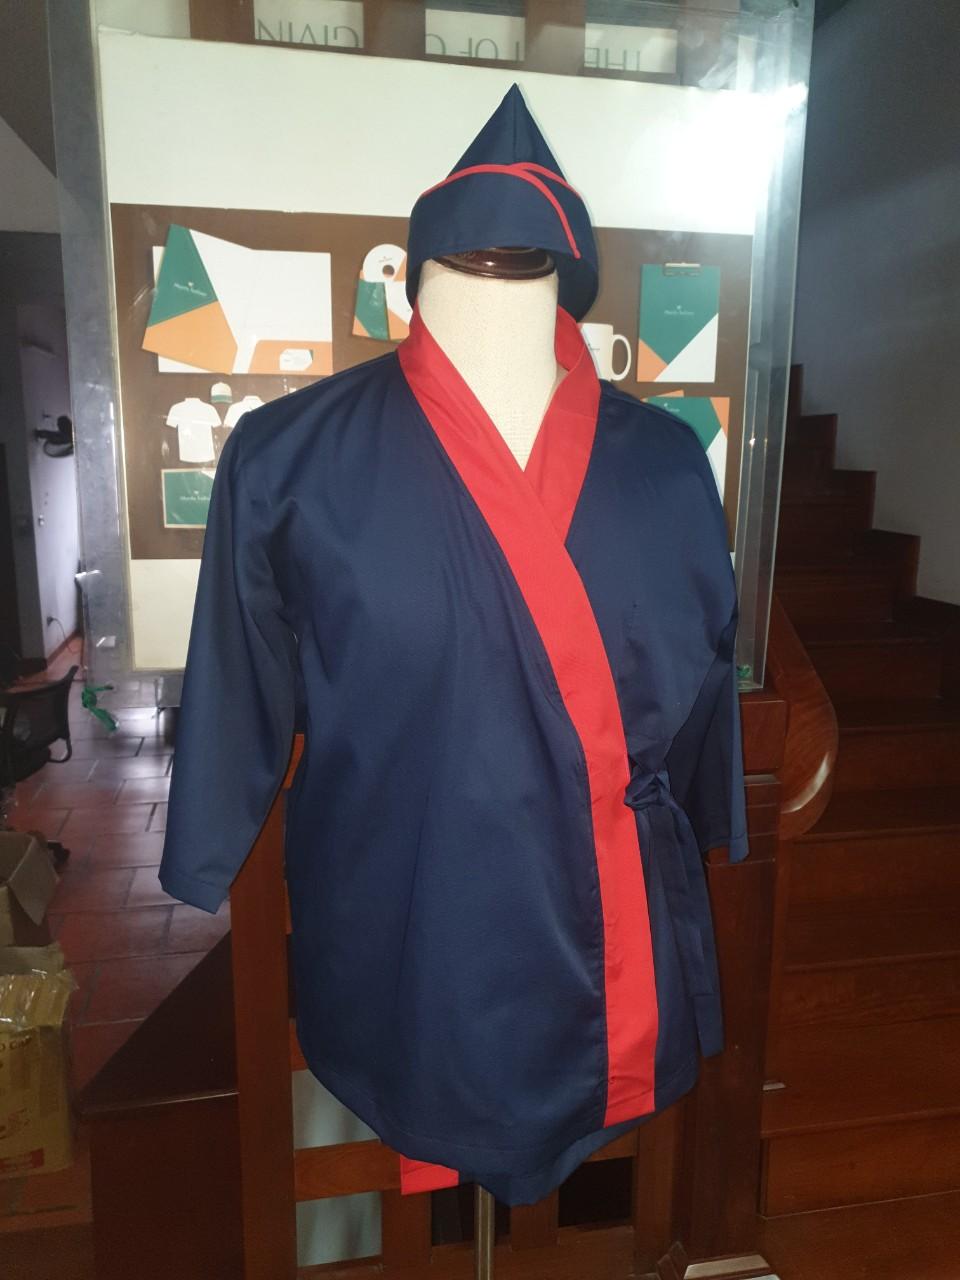 ảnh chụp trực diện áo bếp nhật bán sẵn xanh đen phối đỏ